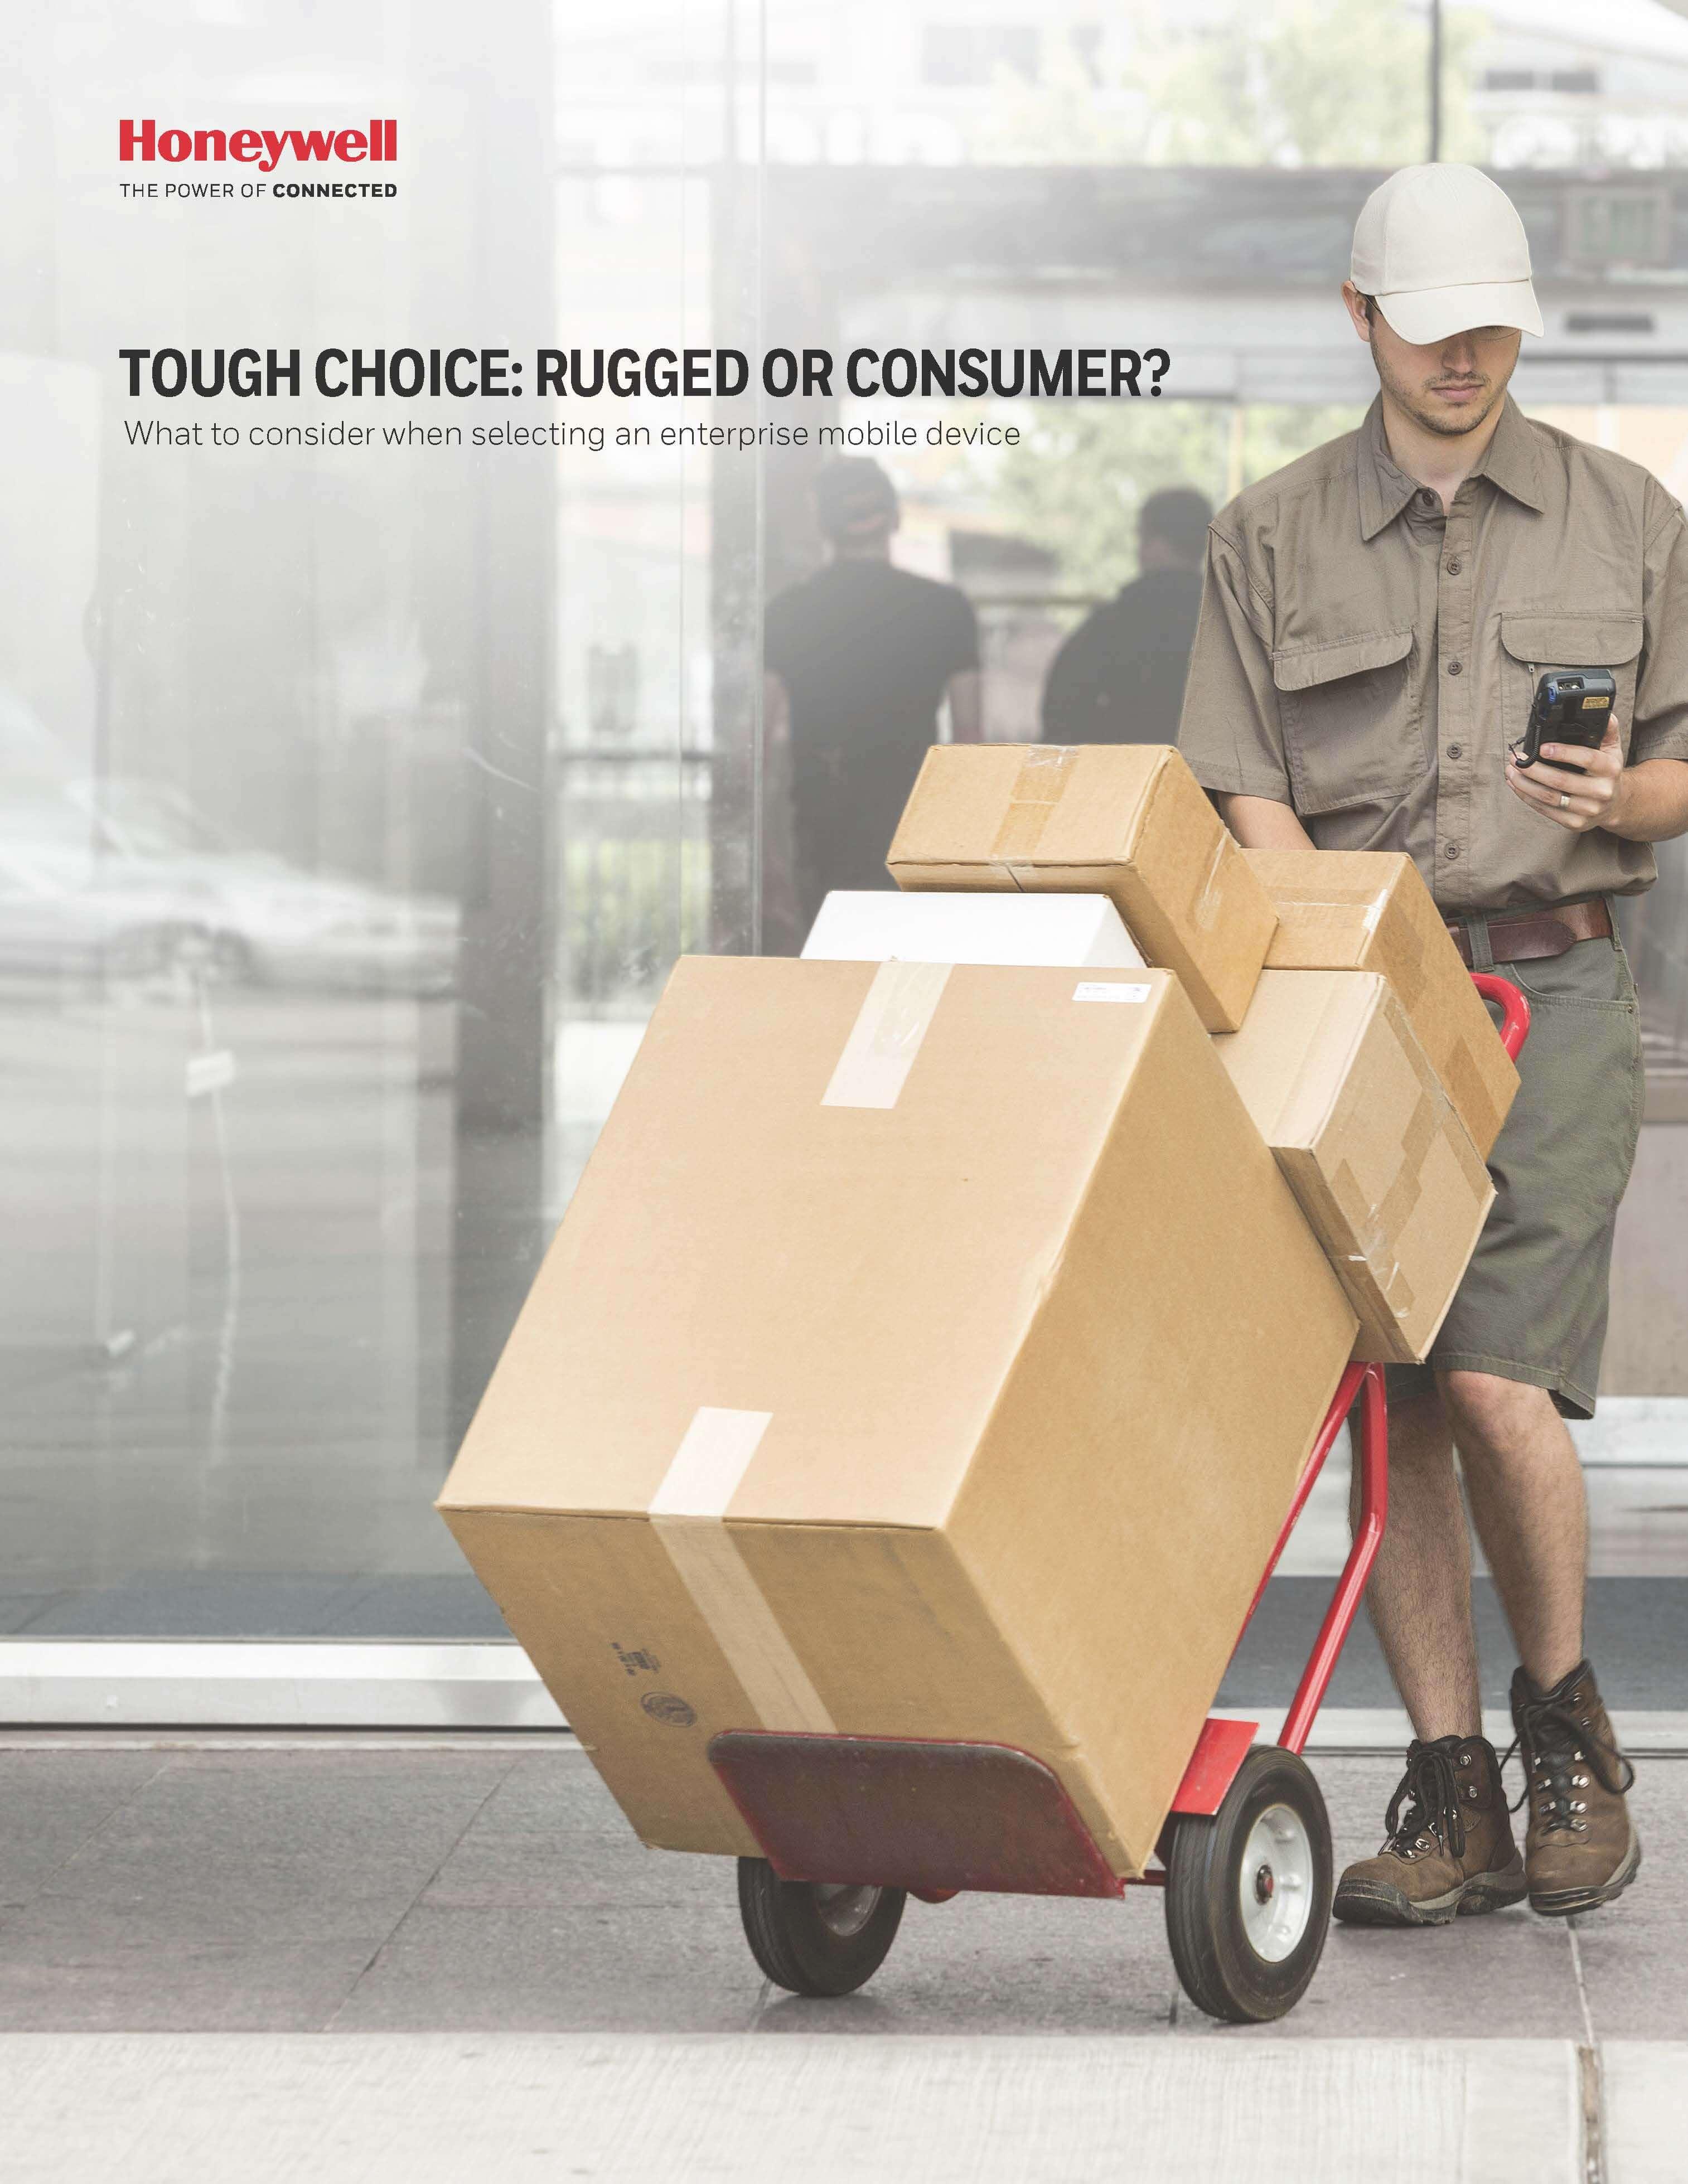 Tough choice: rugged or consumer?